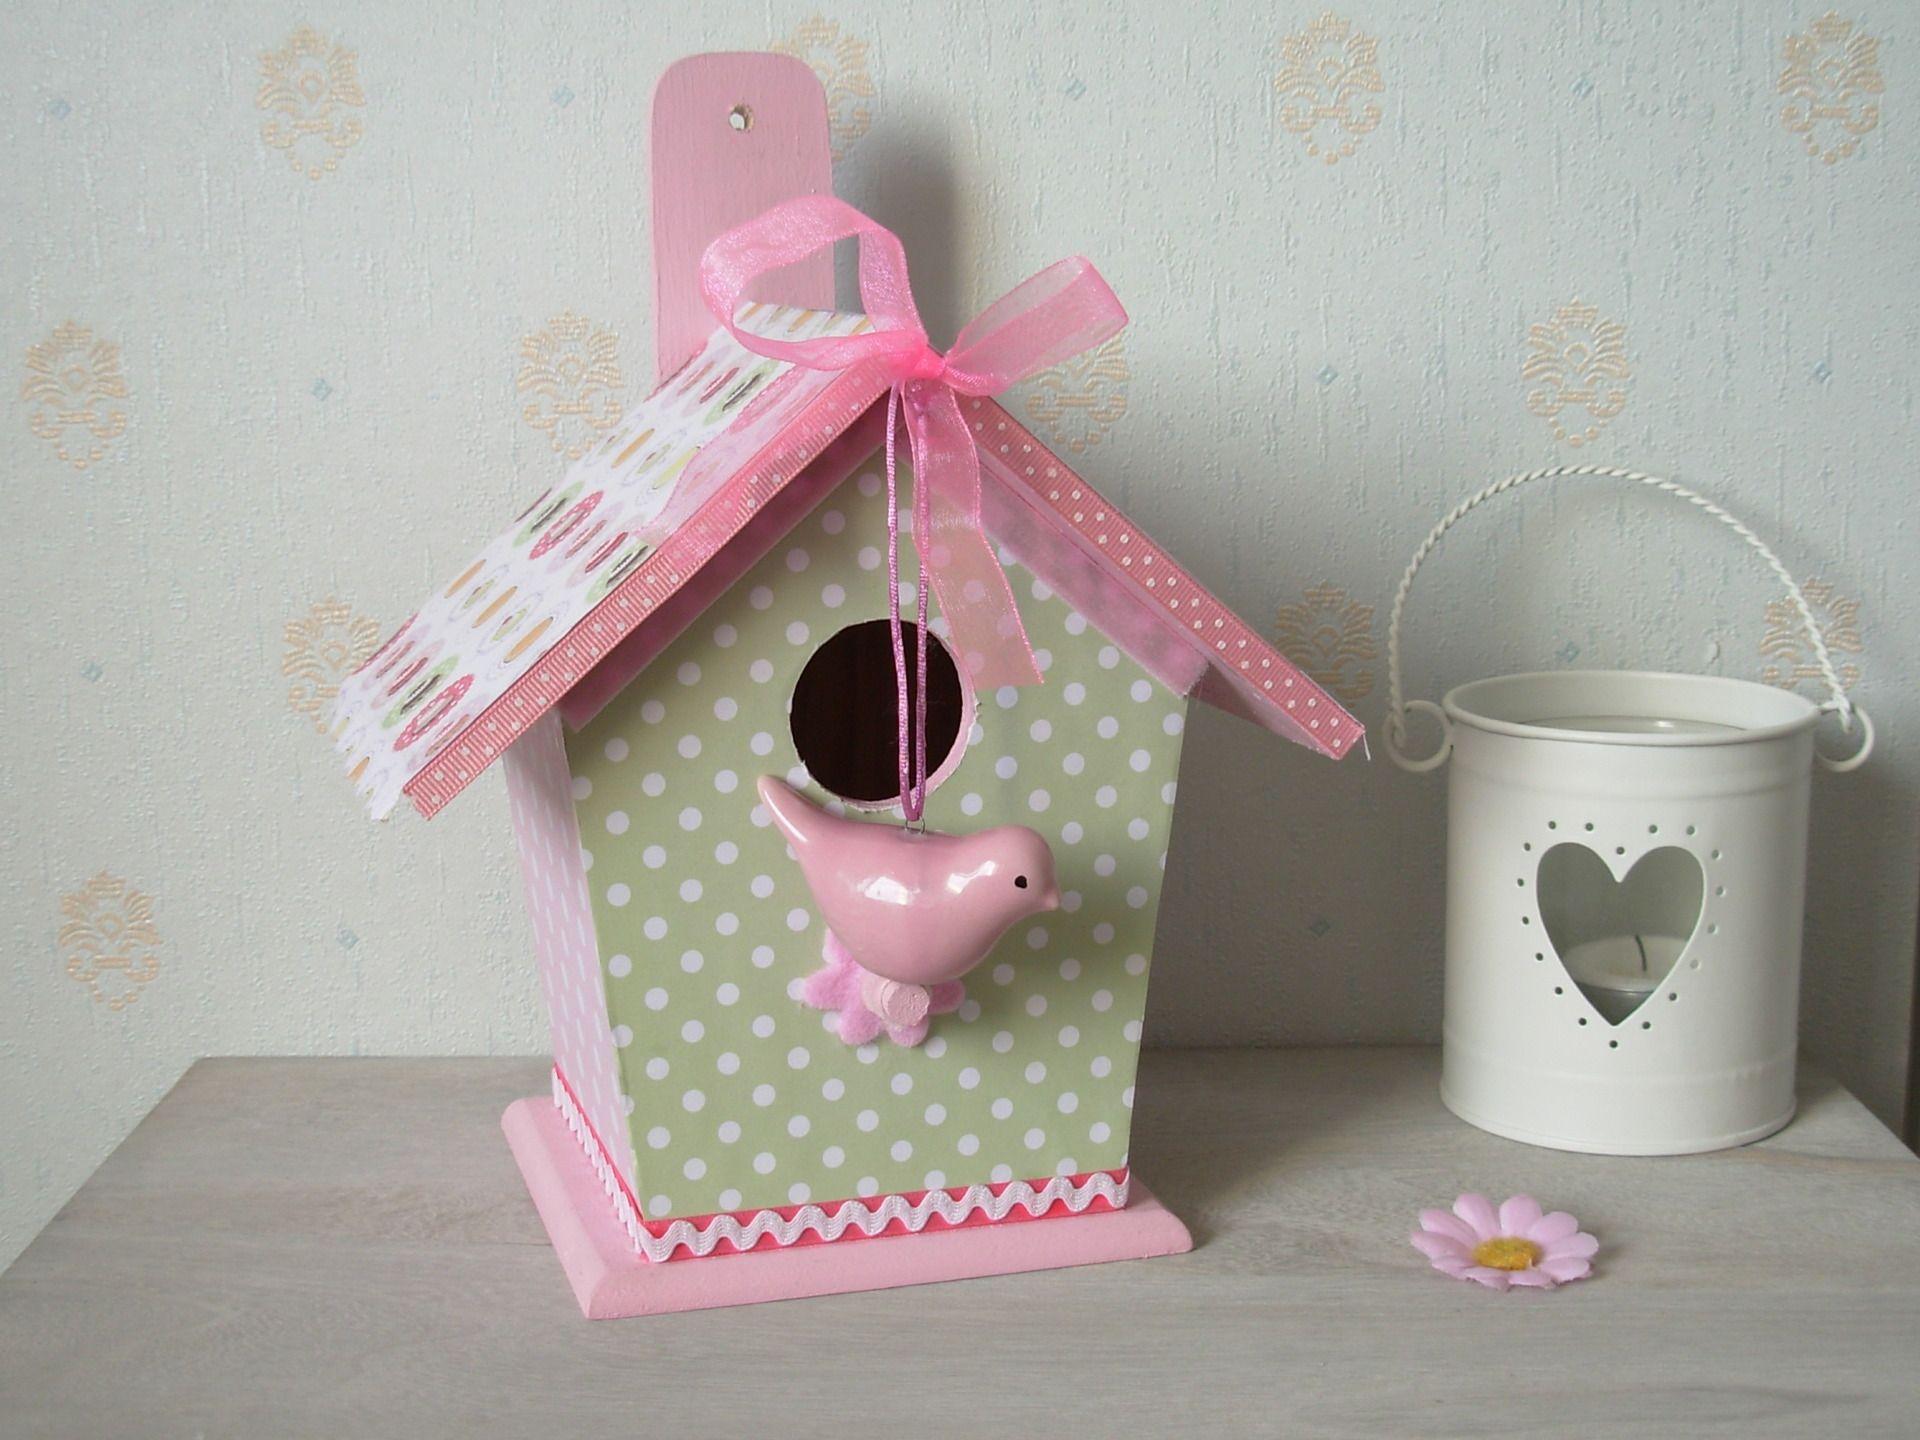 nichoir decoration oiseau porcelaine pastel d coration. Black Bedroom Furniture Sets. Home Design Ideas